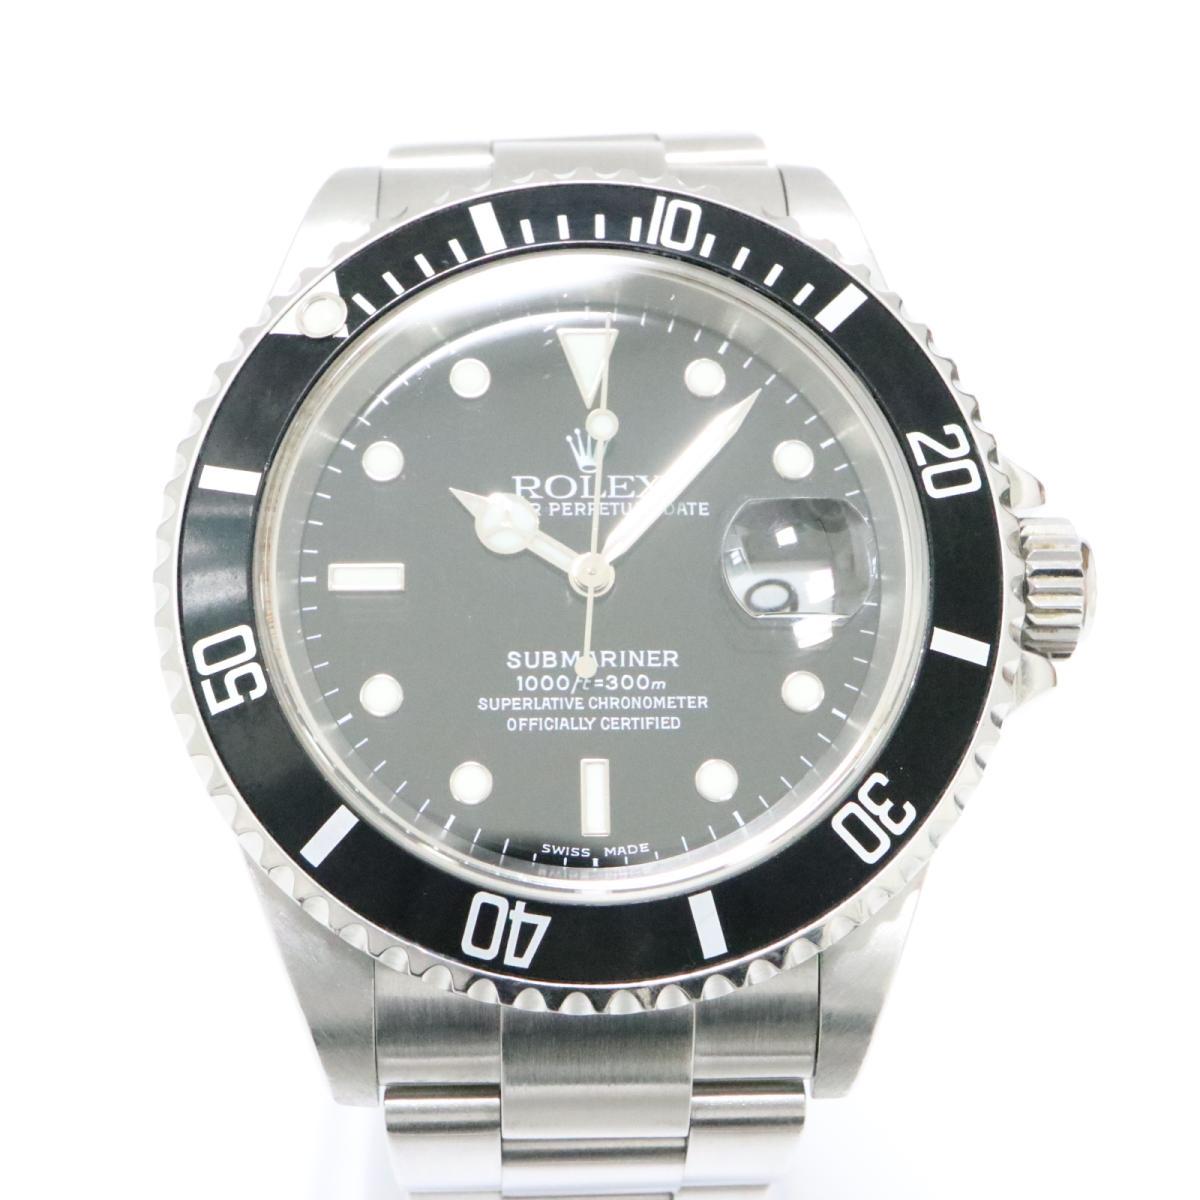 【中古】 ロレックス サブマリーナ 腕時計 メンズ ステンレススチール (SS) ブラック (16610)   ROLEX オートマチック 自動巻き 時計 サブマリーナ ブランドオフ